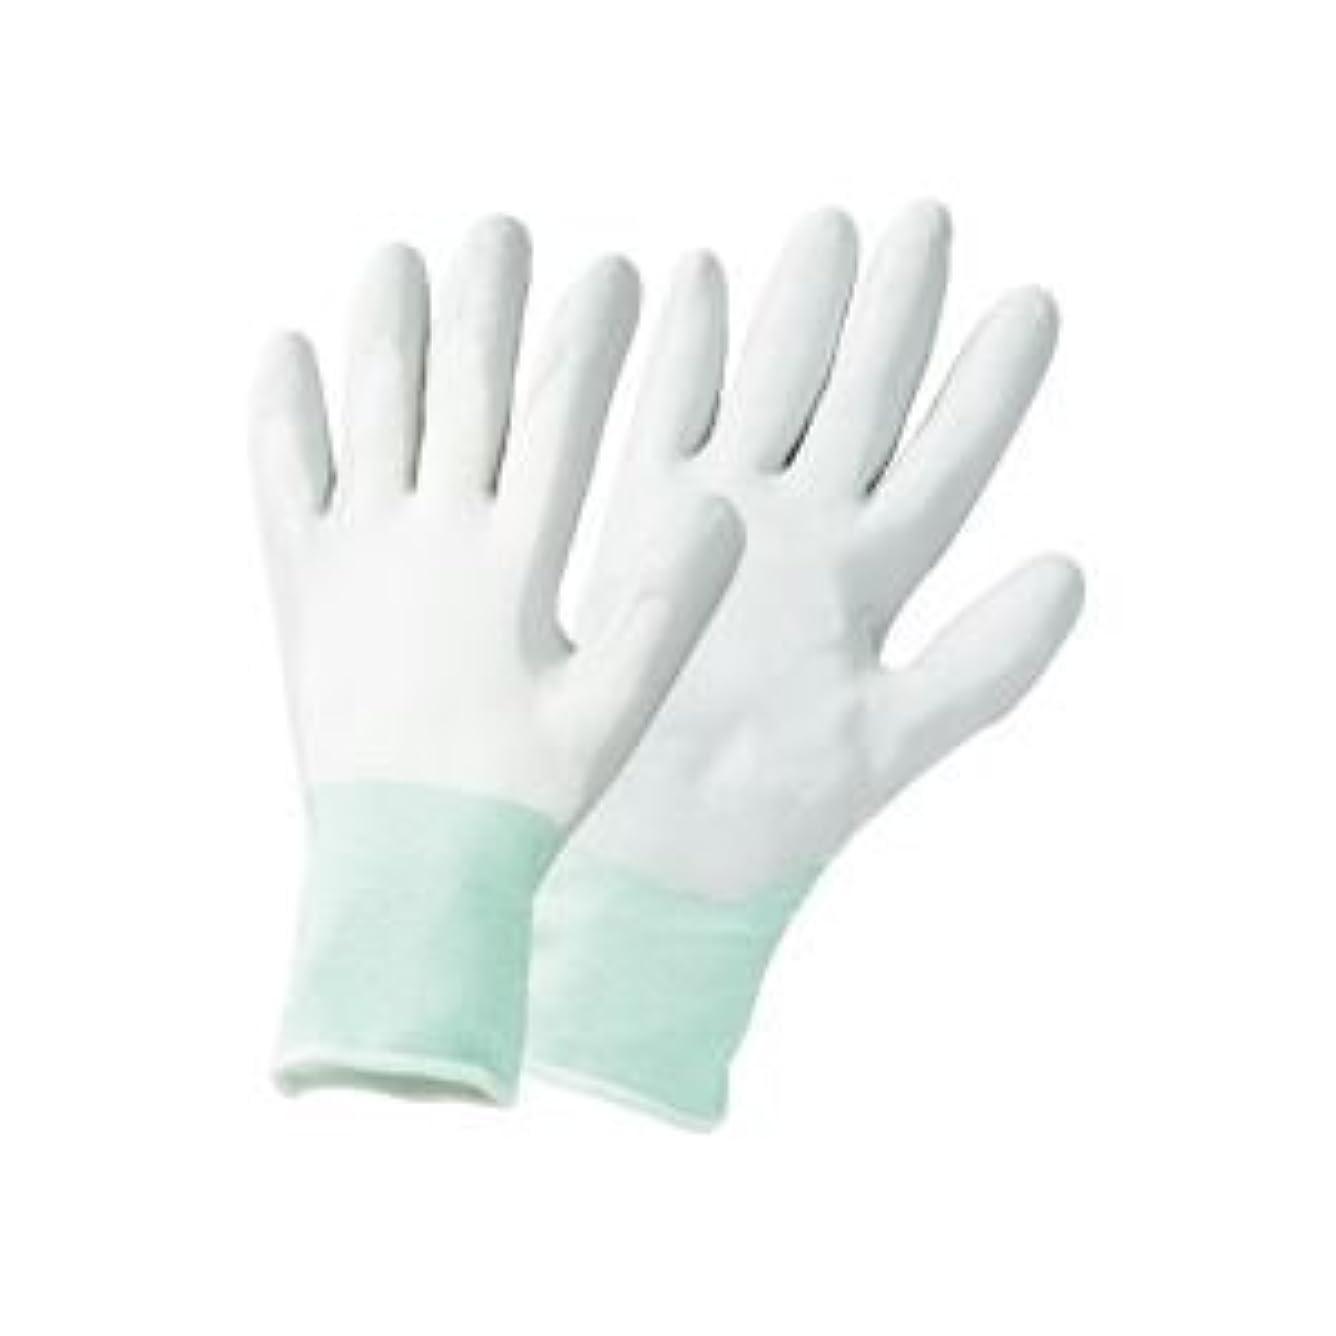 思い出す芝生スリル(まとめ) TANOSEE ニトリルゴム手袋薄手 L グレー 1セット(25双:5双×5パック) 【×3セット】 ds-1577353